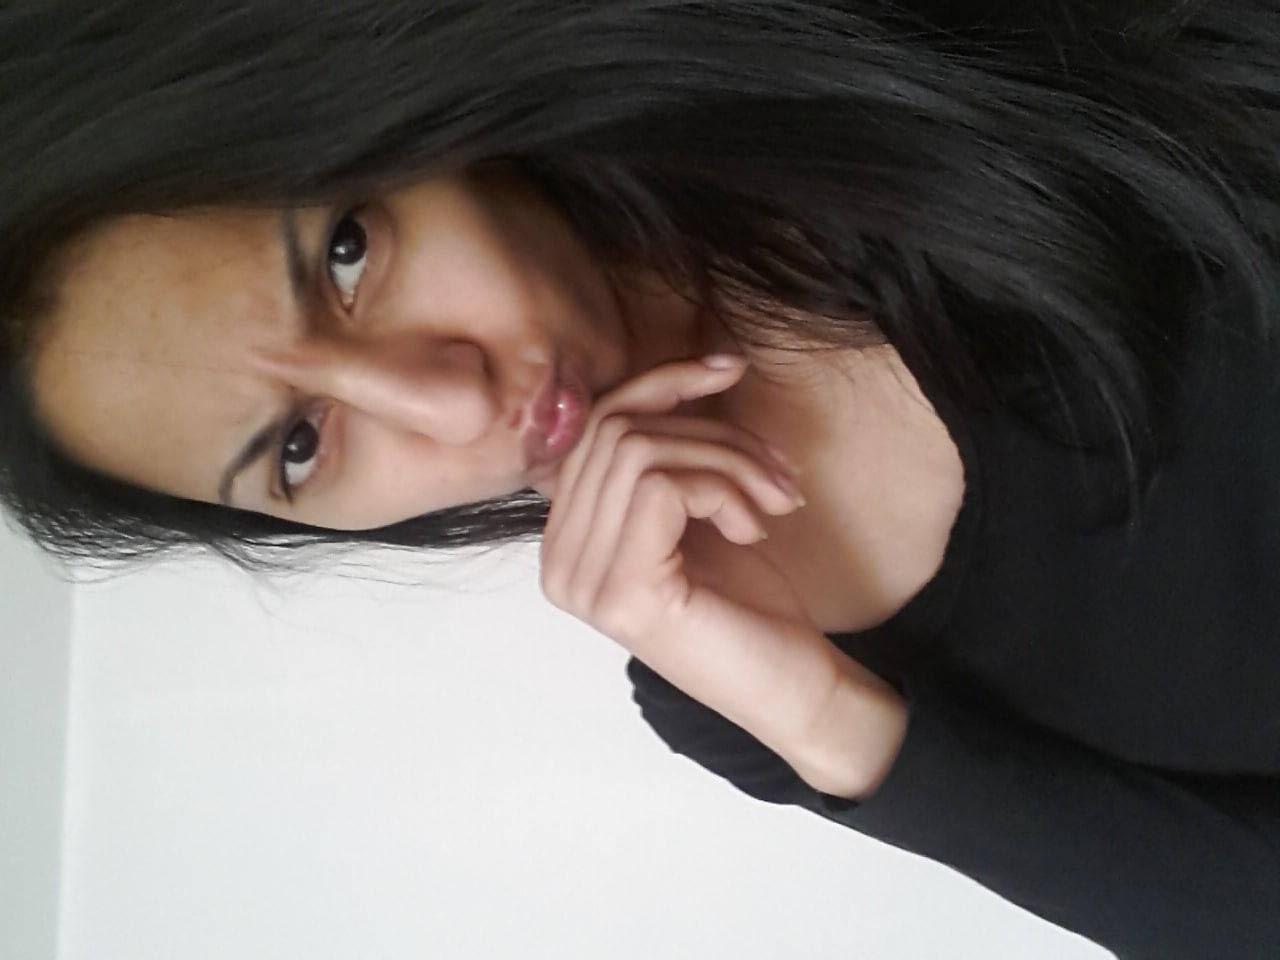 Suriana Novinha Vadia Pelada Teve Fotos Intimas Vazadas Na Net